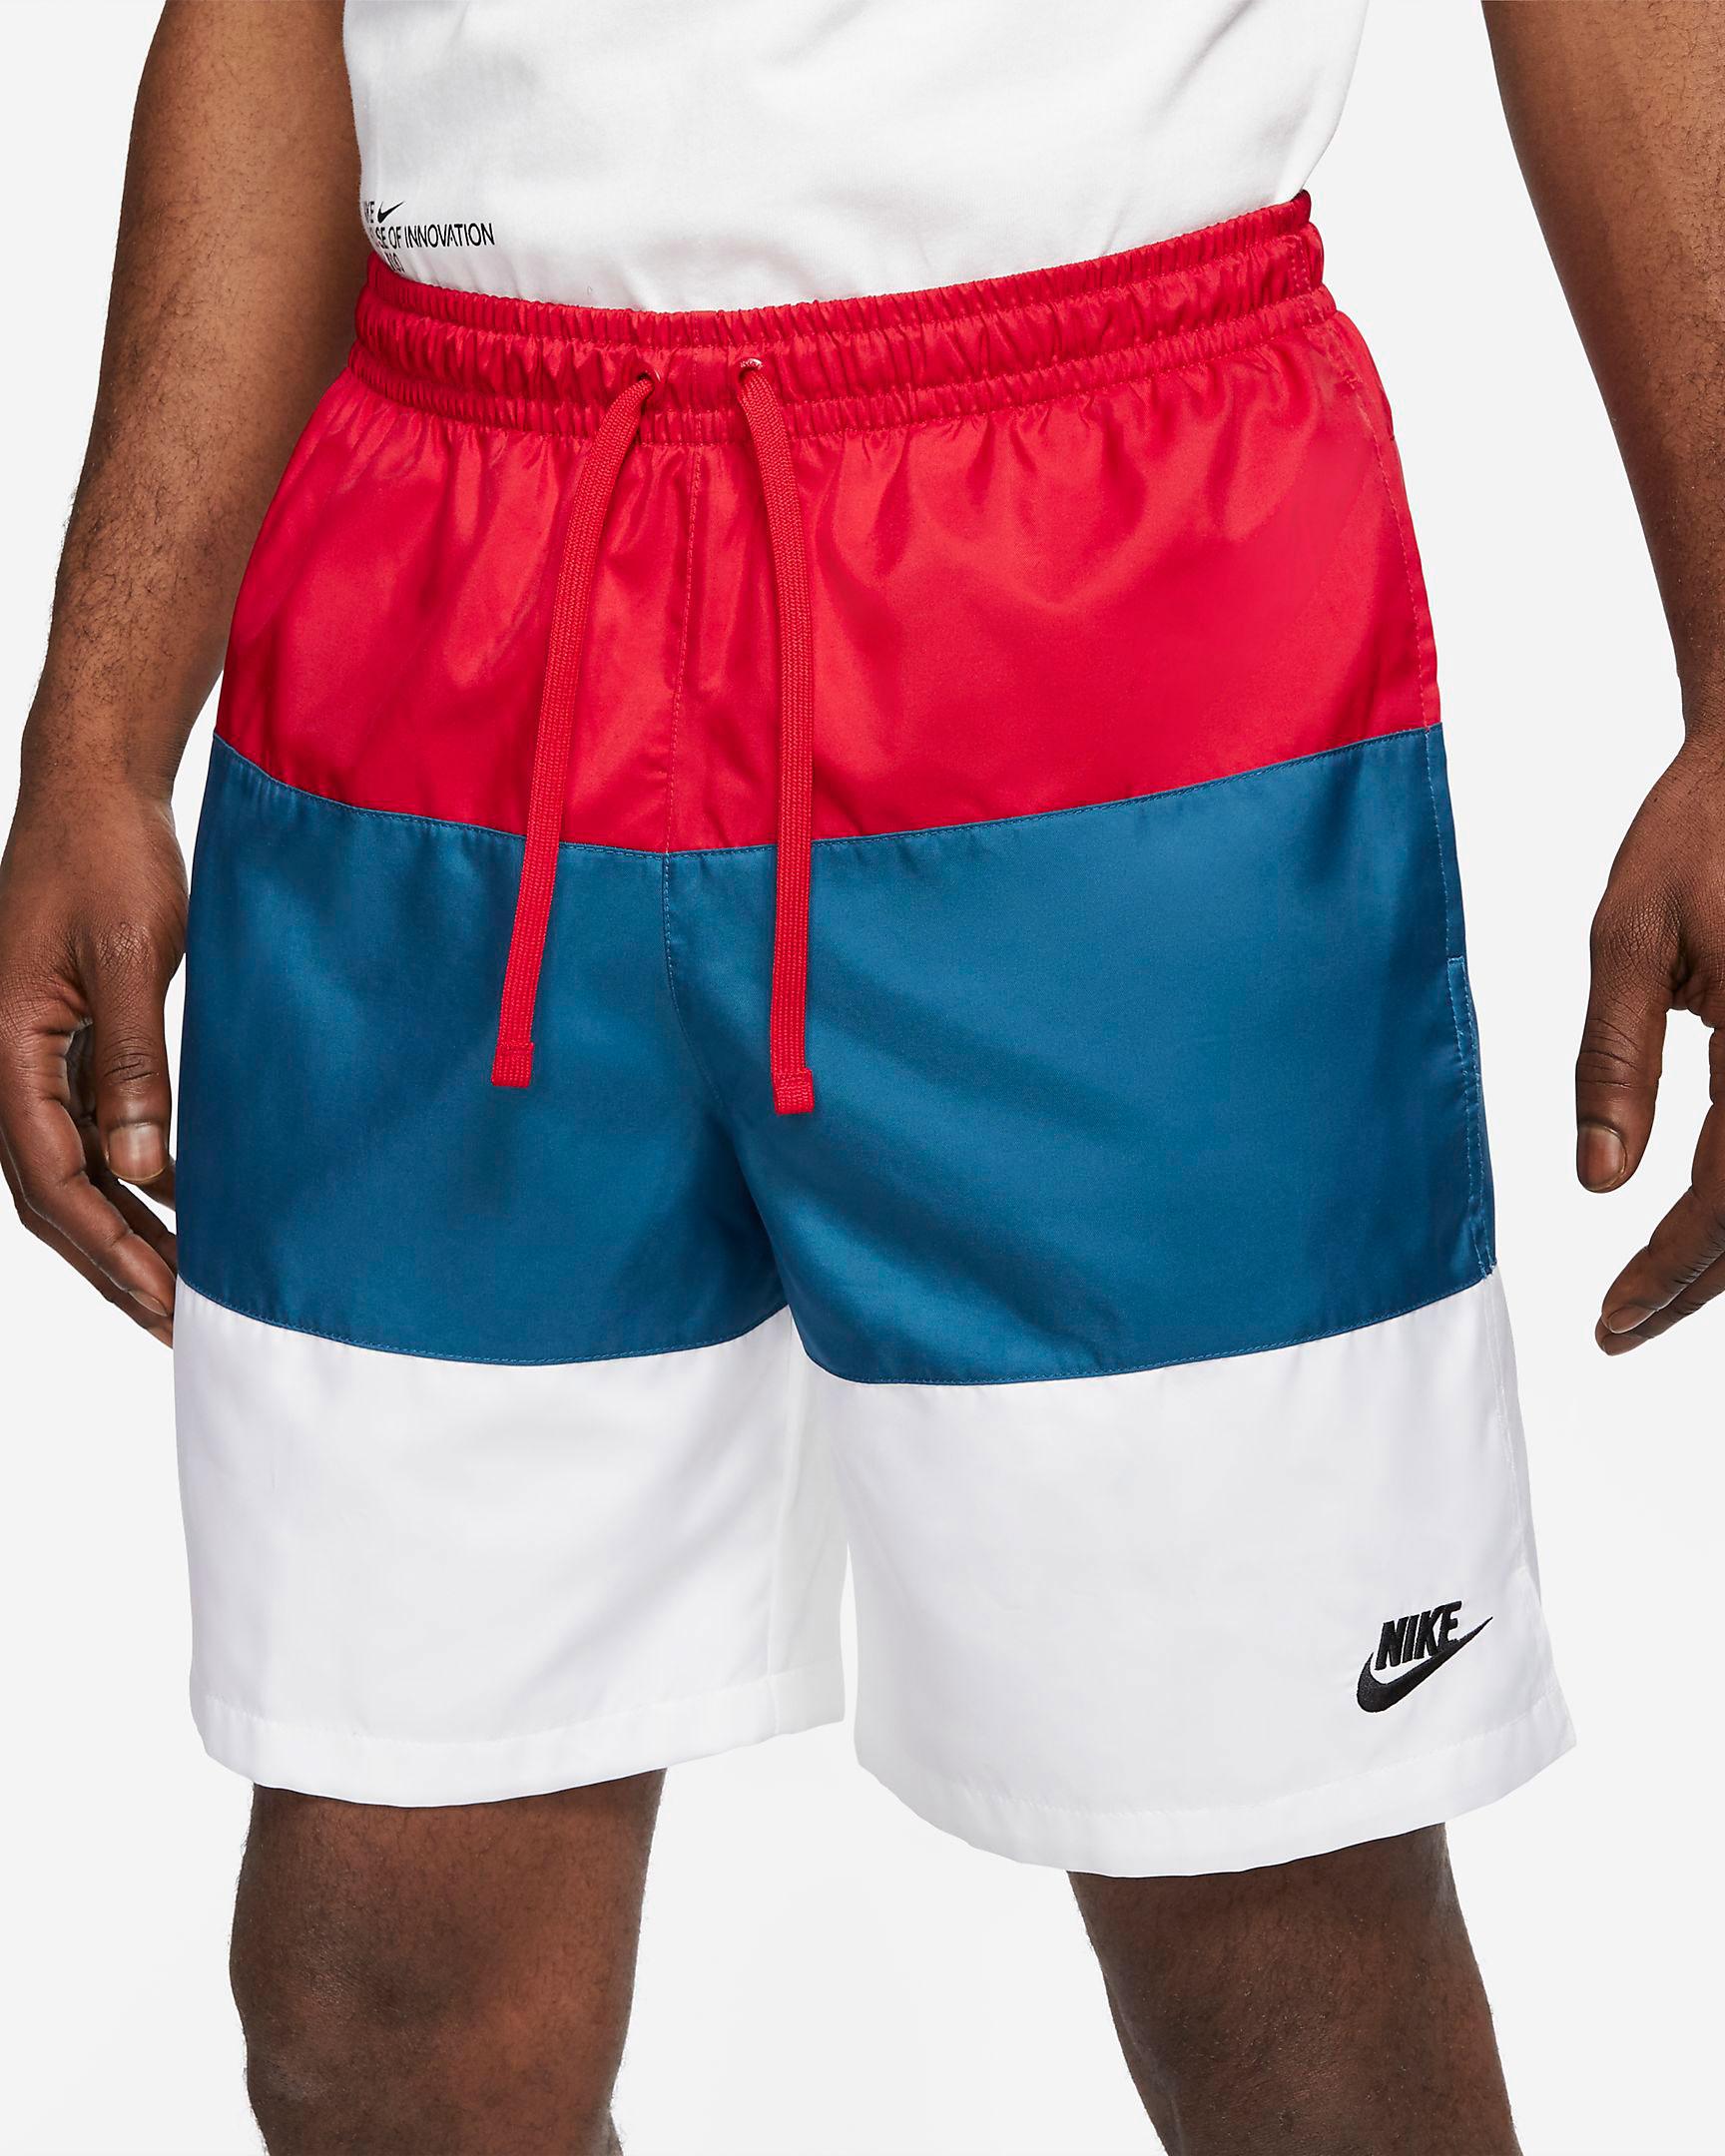 nike-americana-club-red-white-blue-shorts